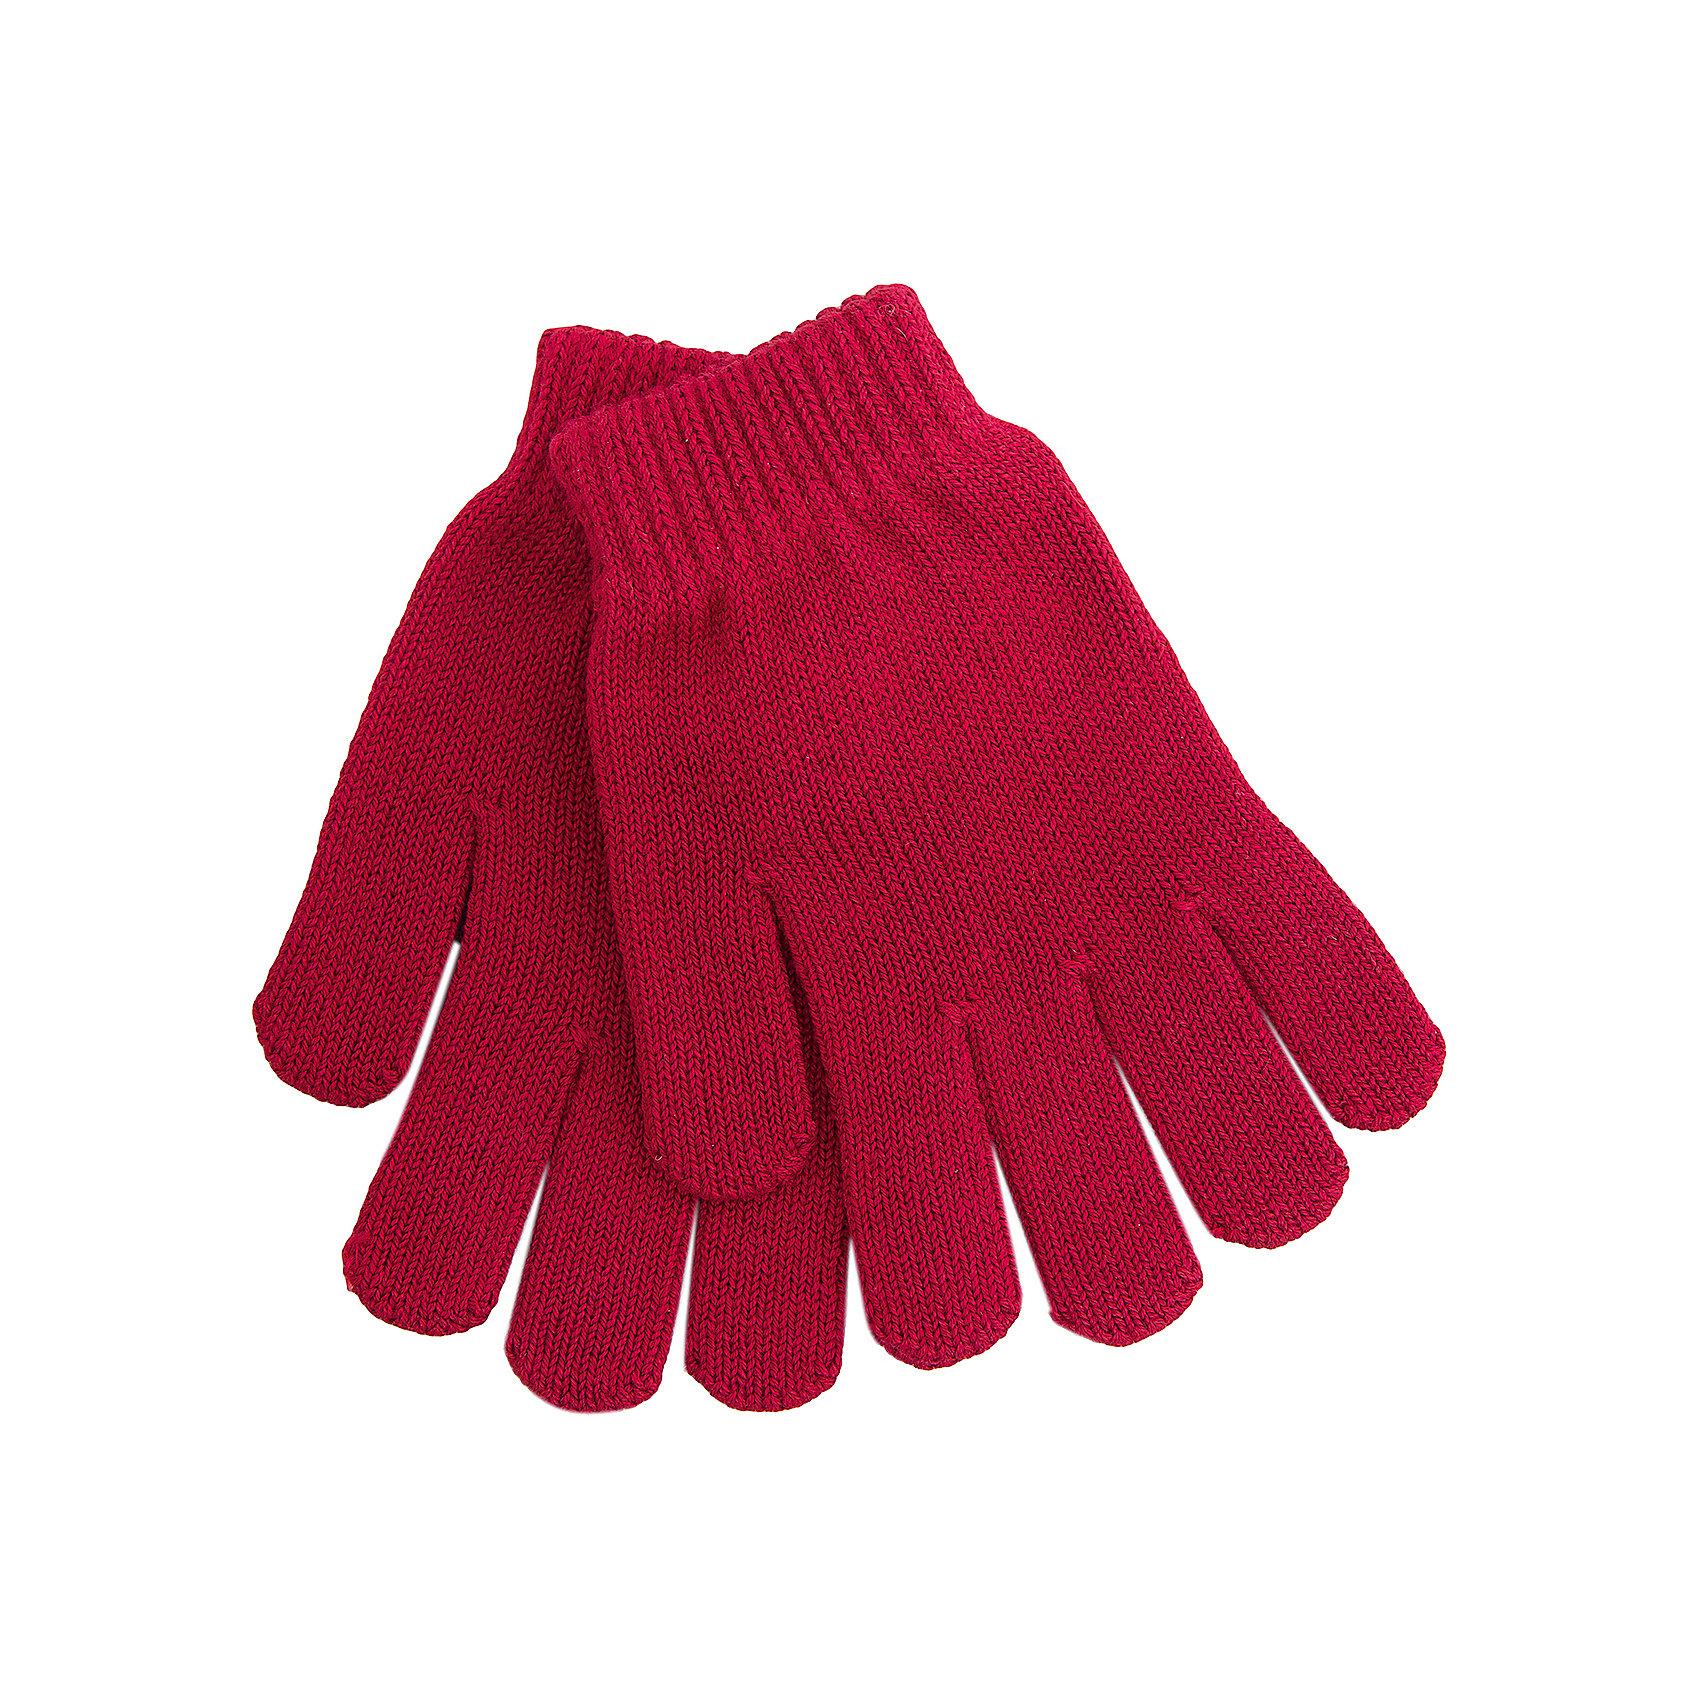 Перчатки для мальчика MayoralПерчатки для мальчика от известного испанского бренда Mayoral. В состав перчаток входит акрил, обладающий гипоаллергенностью и способный сохранять тепло. В таких перчатках ребенку несомненно будет тепло и комфортно!<br>Дополнительная информация:<br>-цвет: красный<br>-состав: 55% хлопок, 45% акрил<br>Перчатки Mayoral вы можете приобрести в нашем интернет-магазине.<br><br>Ширина мм: 162<br>Глубина мм: 171<br>Высота мм: 55<br>Вес г: 119<br>Цвет: бордовый<br>Возраст от месяцев: 108<br>Возраст до месяцев: 120<br>Пол: Мужской<br>Возраст: Детский<br>Размер: 10,6,14<br>SKU: 4820169